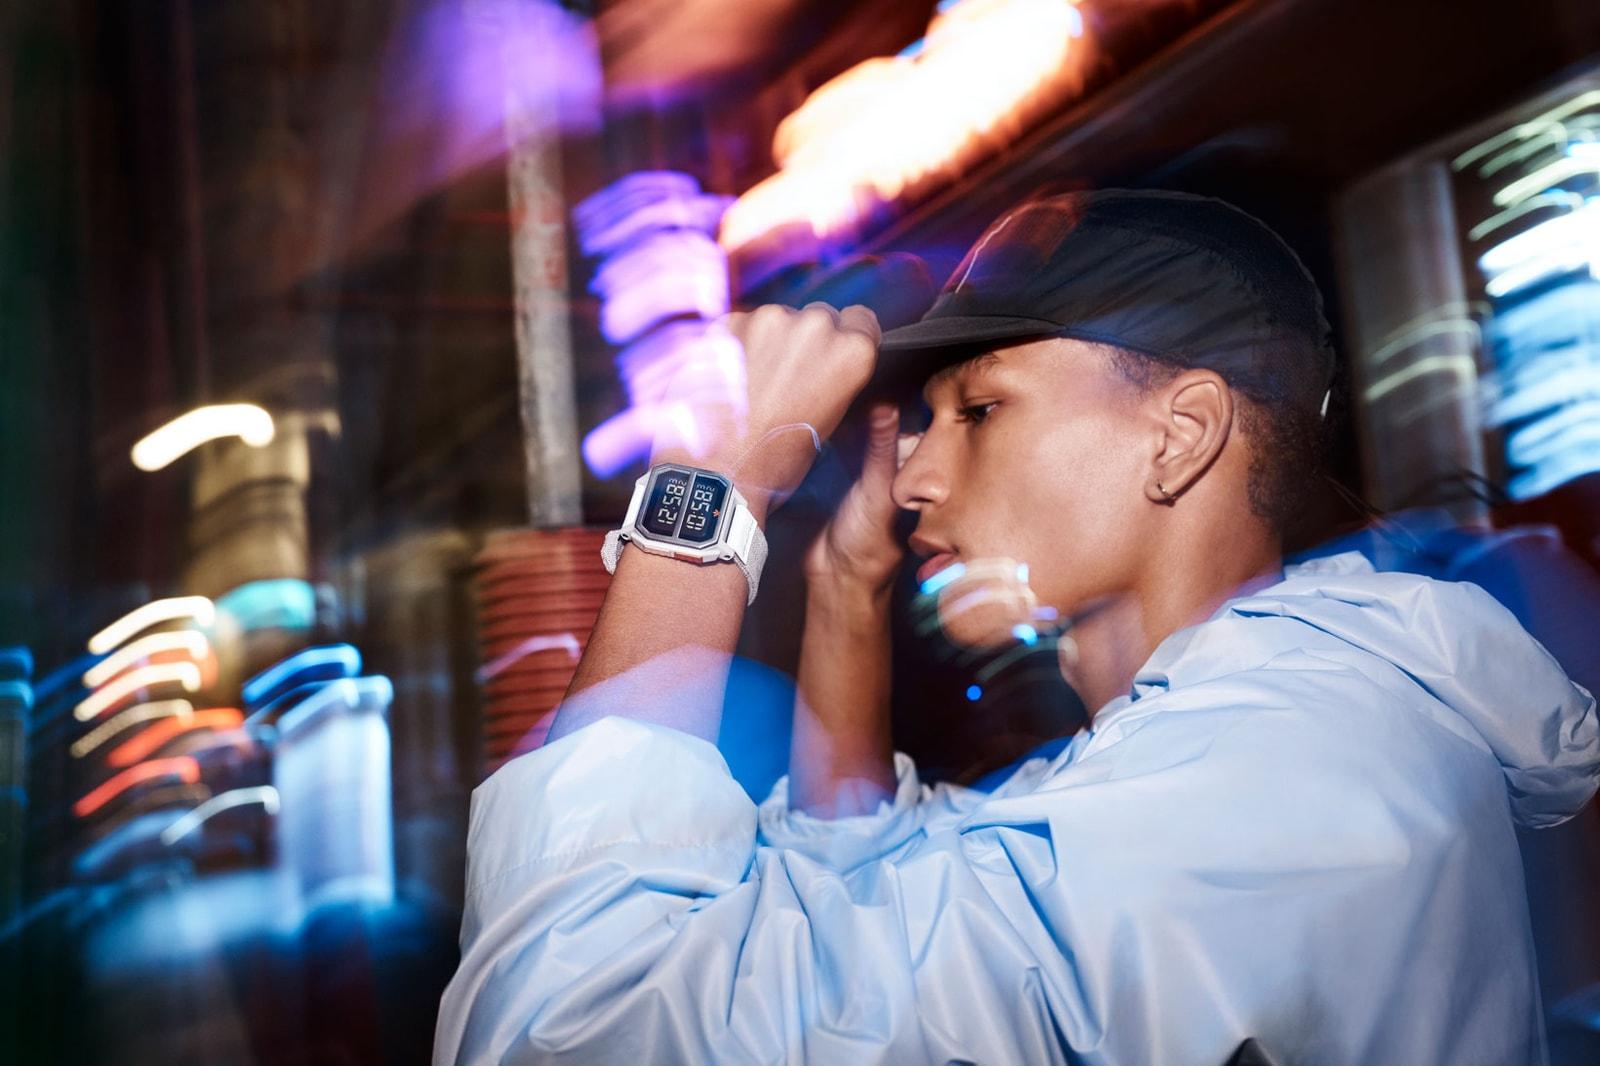 adidas Originals x Nixon Archive R2 Nite Jogger Watch, Adidas Adidas originals nite jogger nixon achive R2 watch grey orange reflective